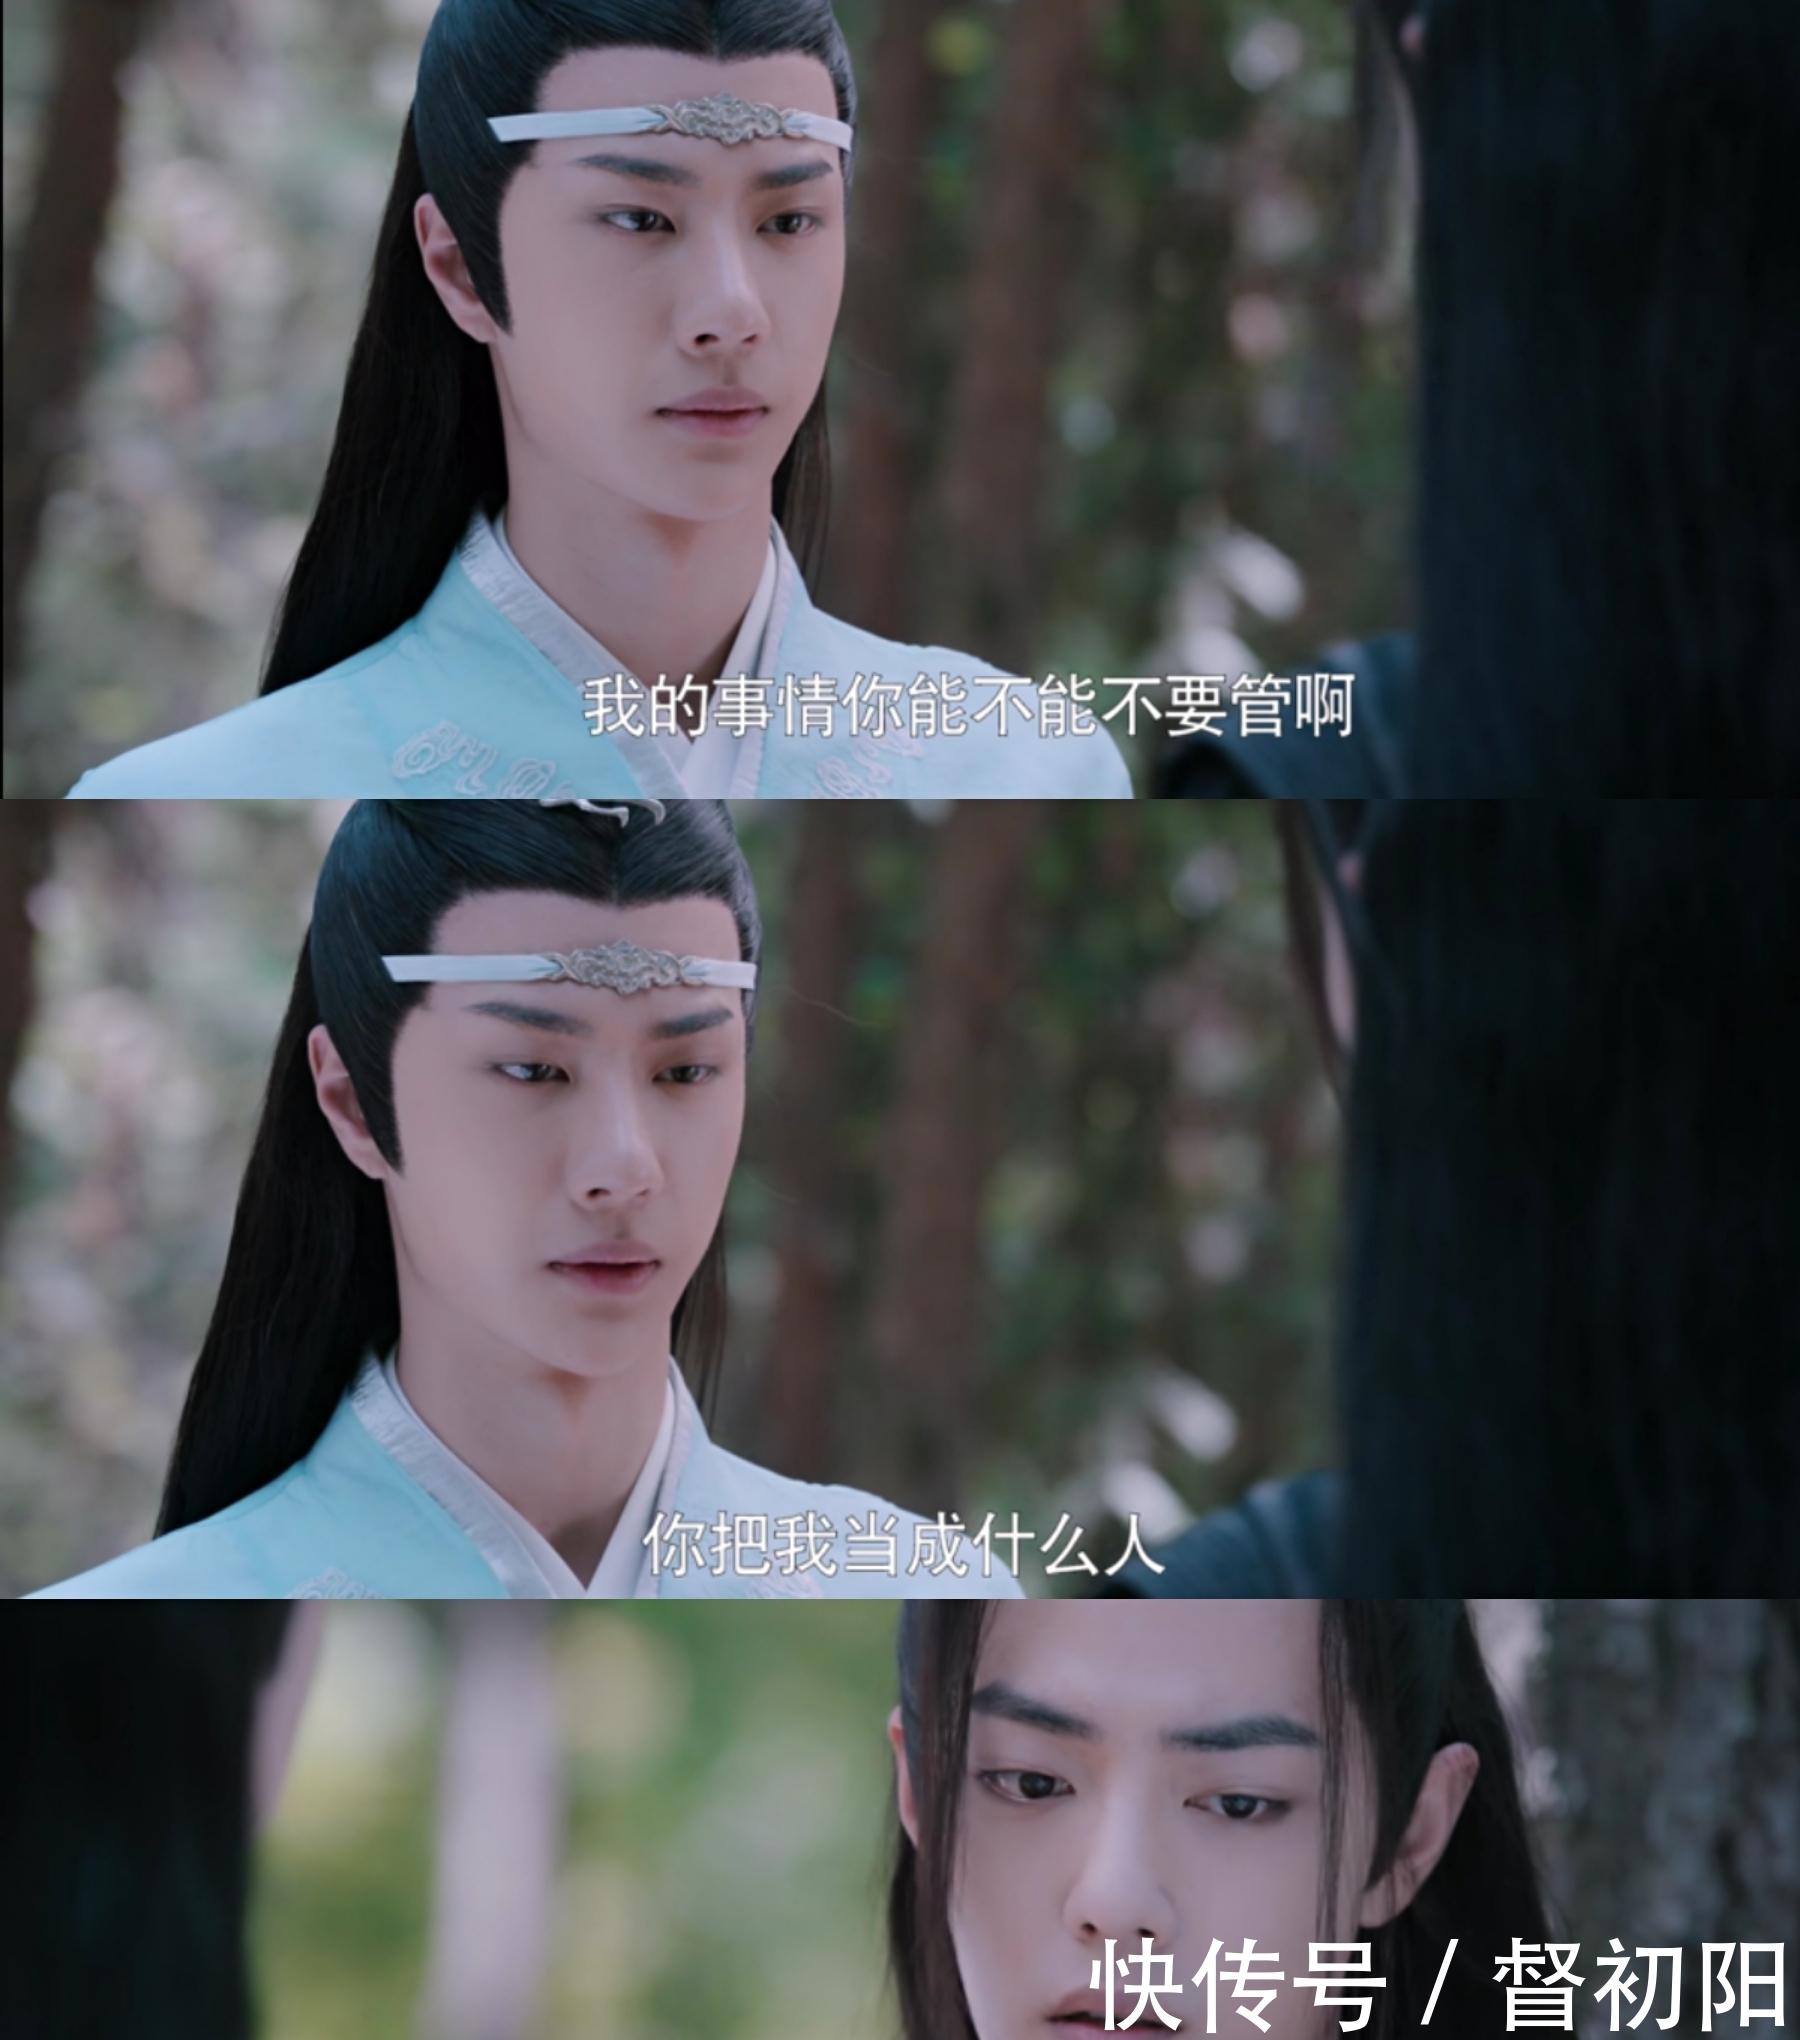 陈情令蓝忘机:你把我当成什么人?甜不过官方,动漫会更甜吗?